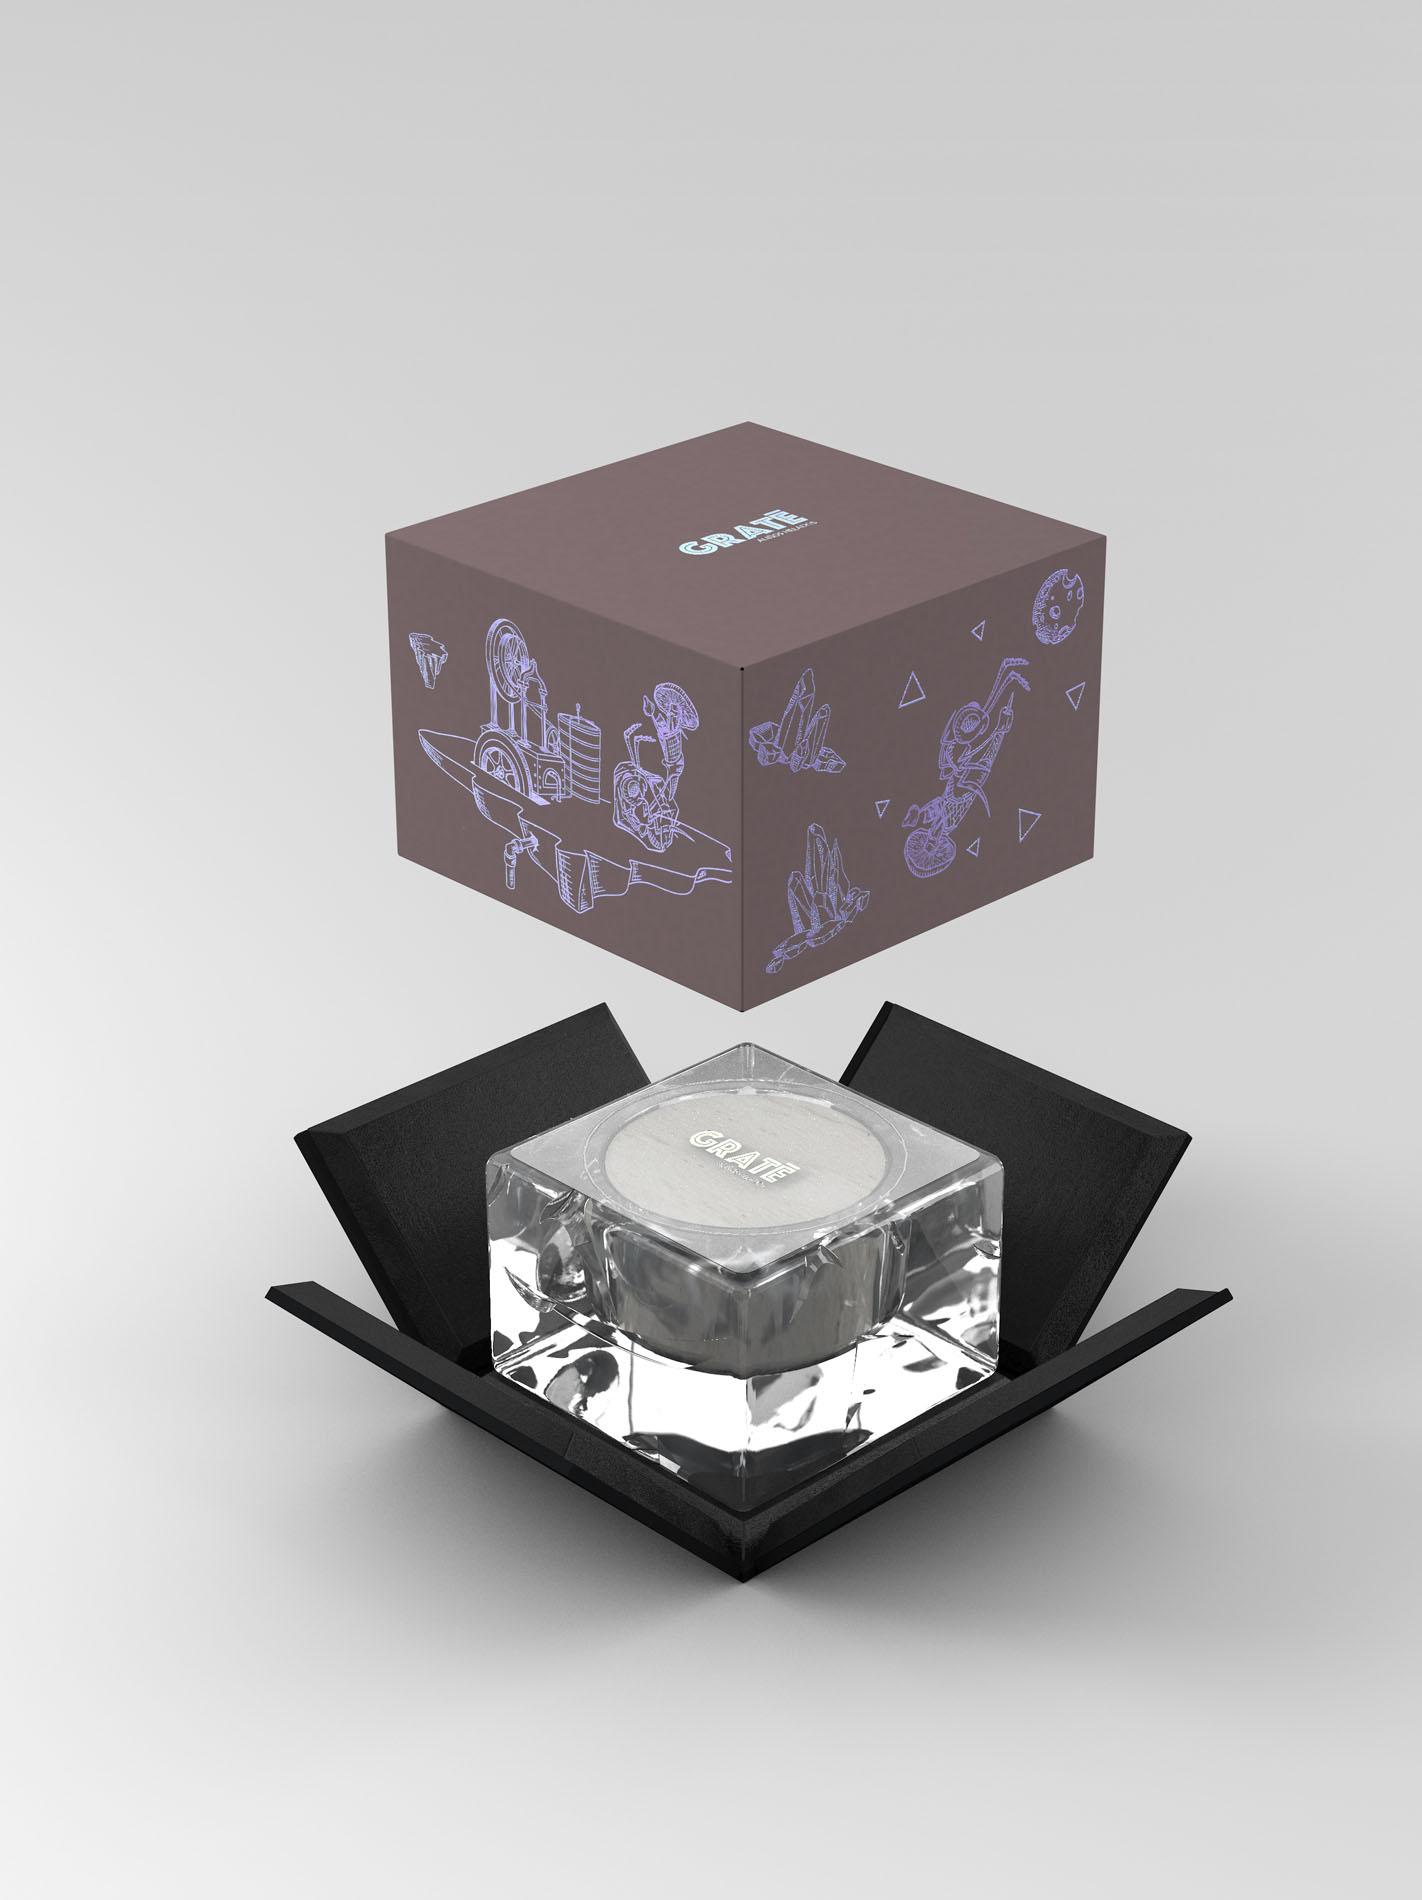 Presentación de Packaging Delivery con Obrador Graté y Sidecar